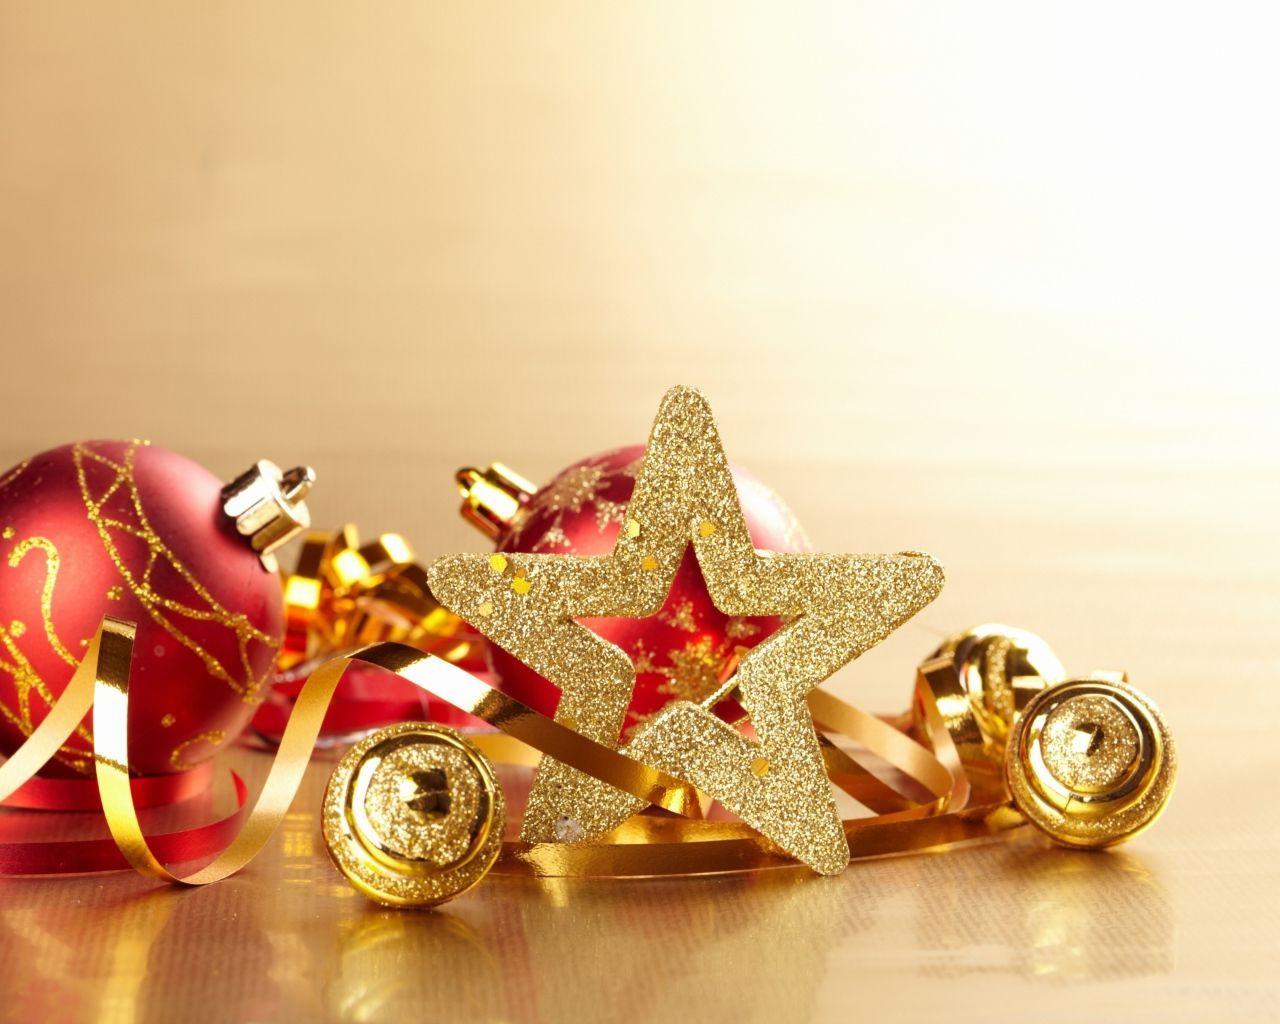 18054 скачать обои Праздники, Новый Год (New Year), Рождество (Christmas, Xmas) - заставки и картинки бесплатно